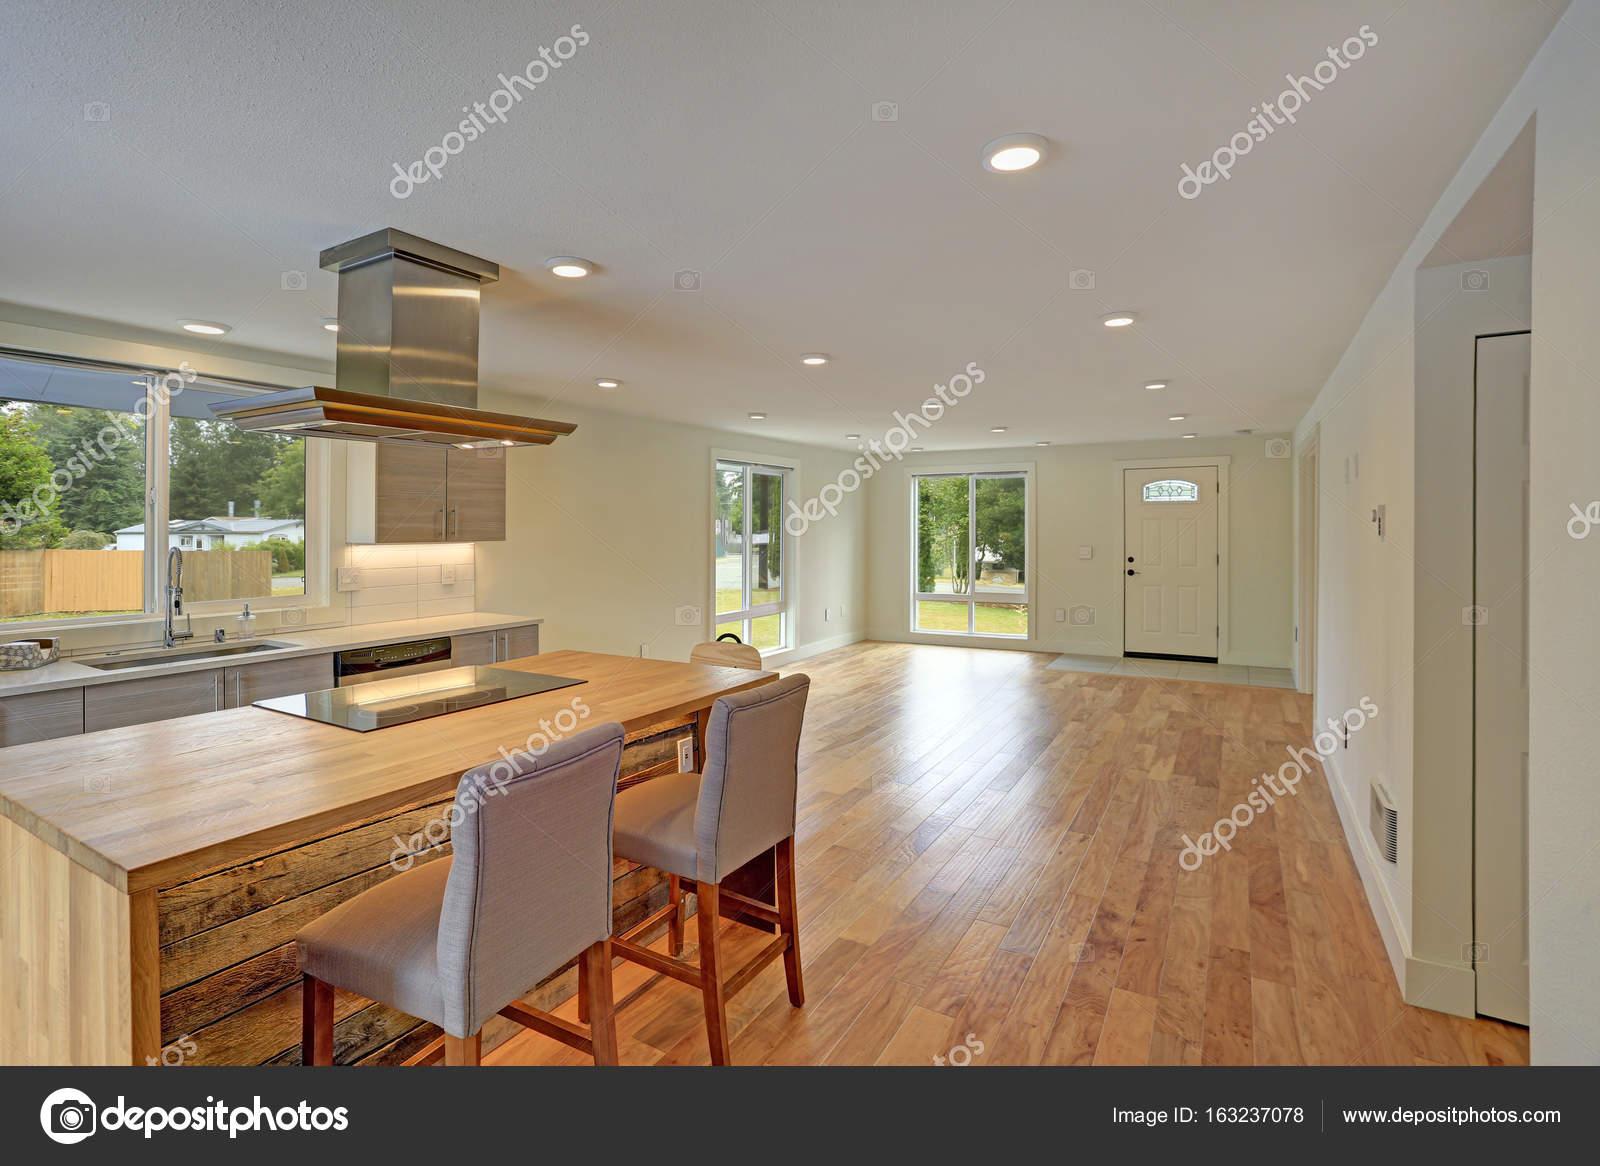 Plan de piso abierto interior cuenta con una cocina recién ...